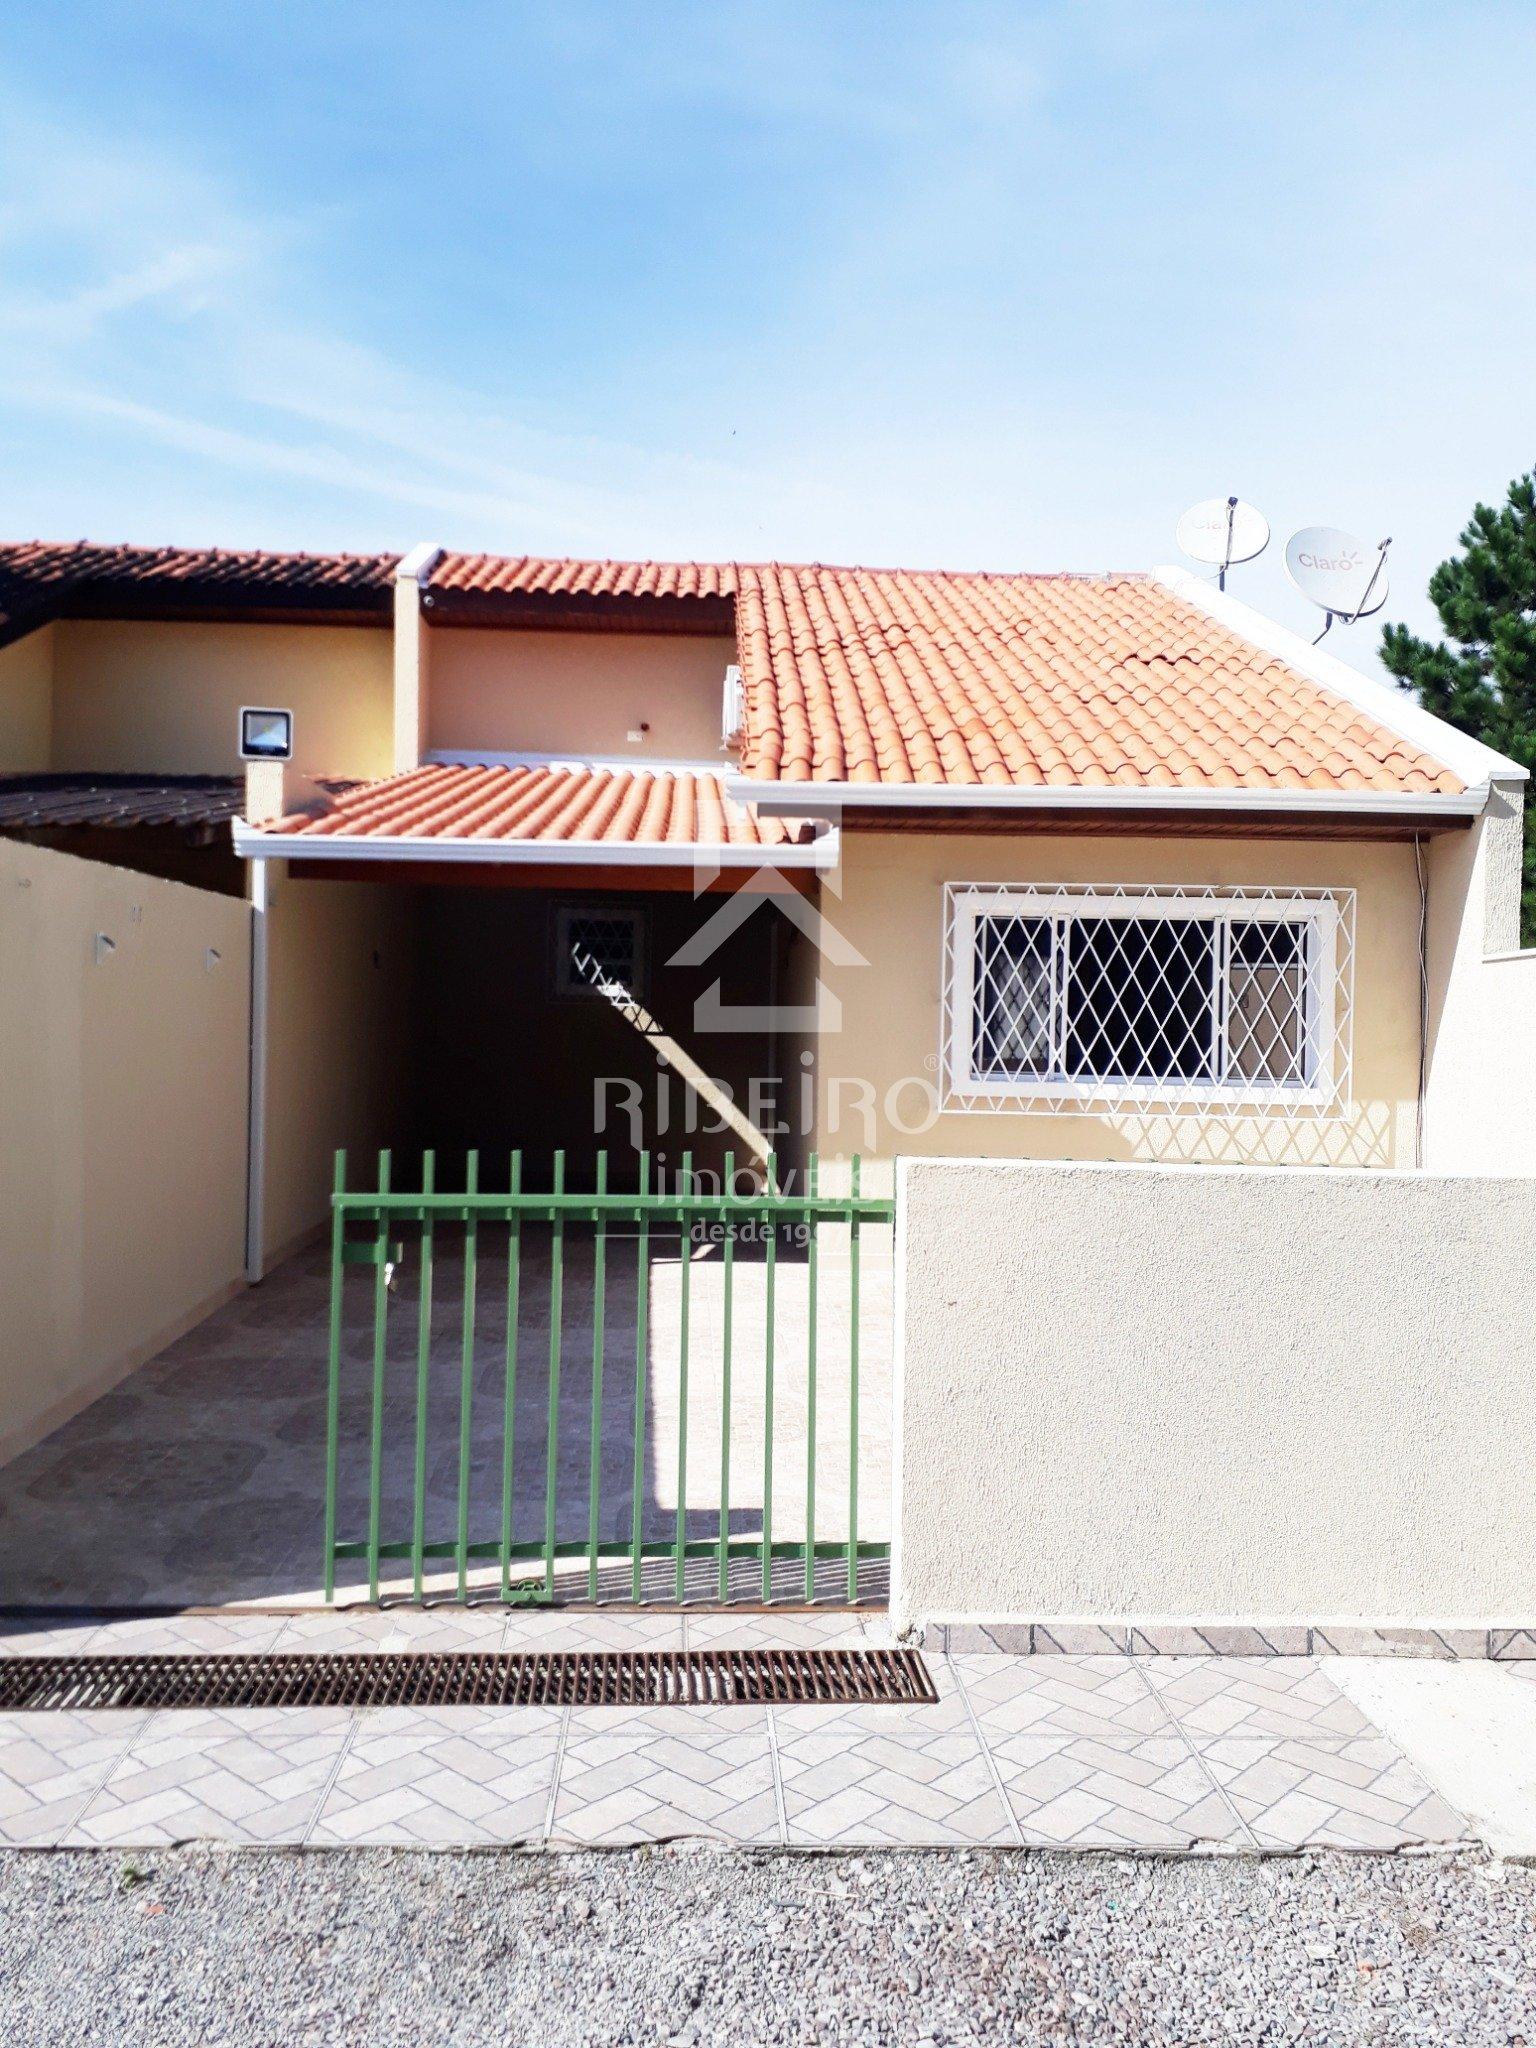 REF. 8198 -  São José Dos Pinhais - Rua  Jose Carlos Ribeiro Ribas, 260